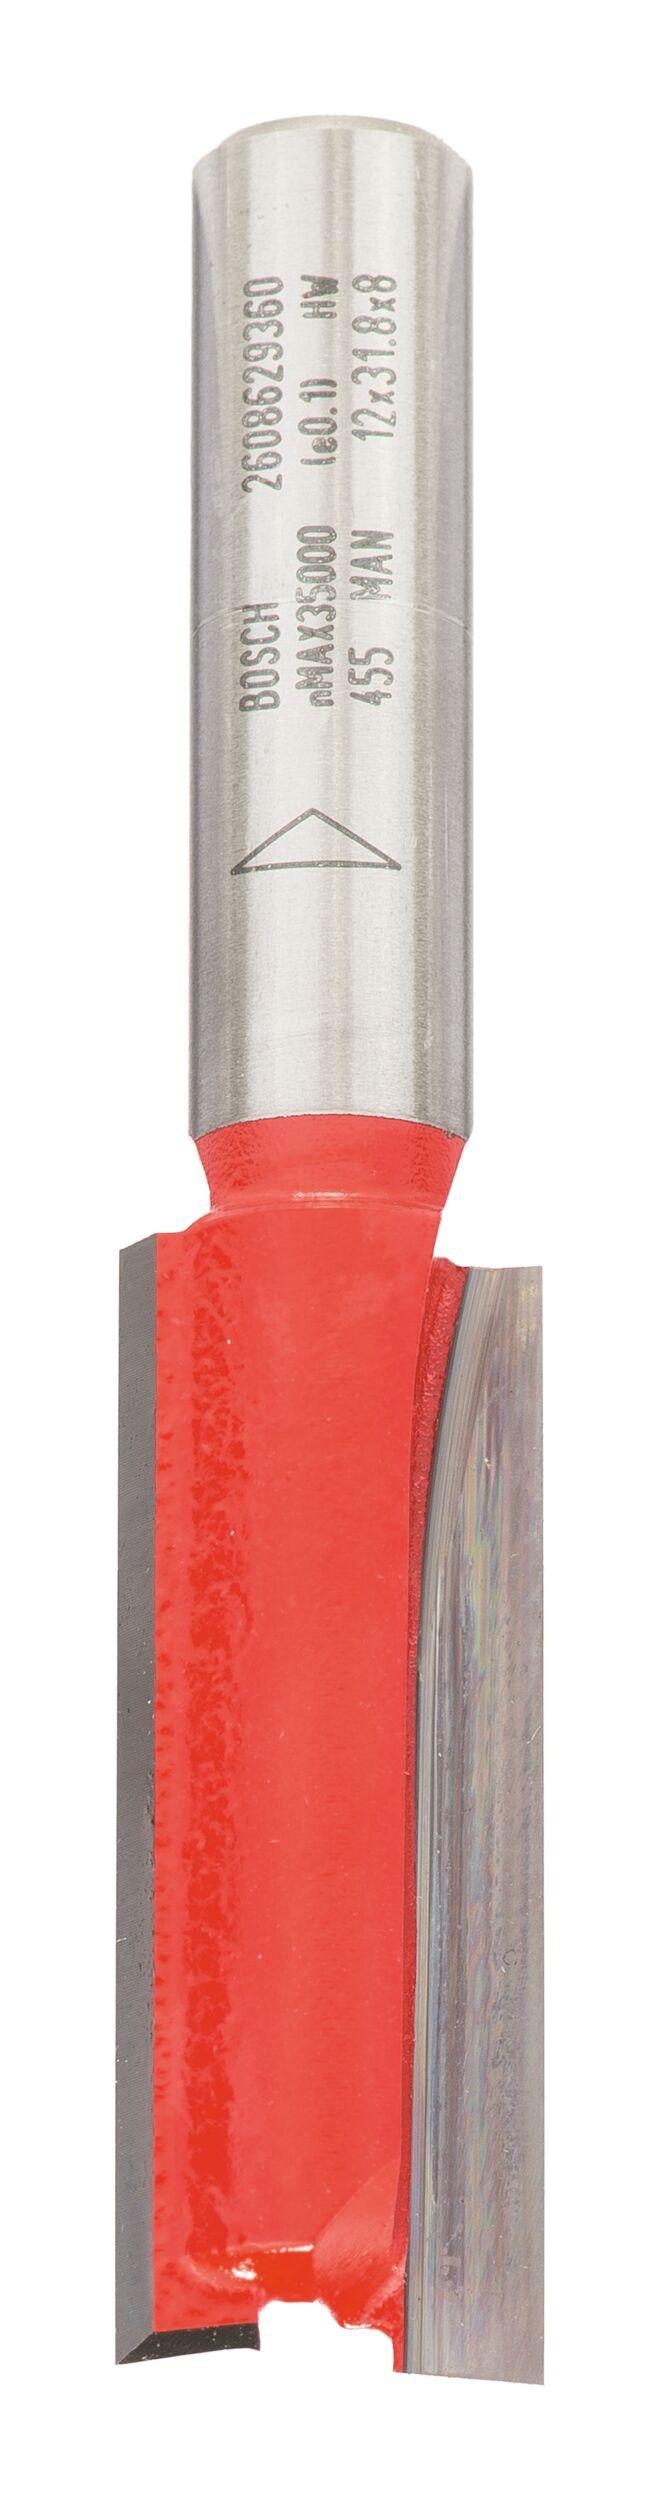 Bosch Zubehör Nutfräser zweischneidig - 12 x 31,8 x 63,8 x 8 mm - 2608629360